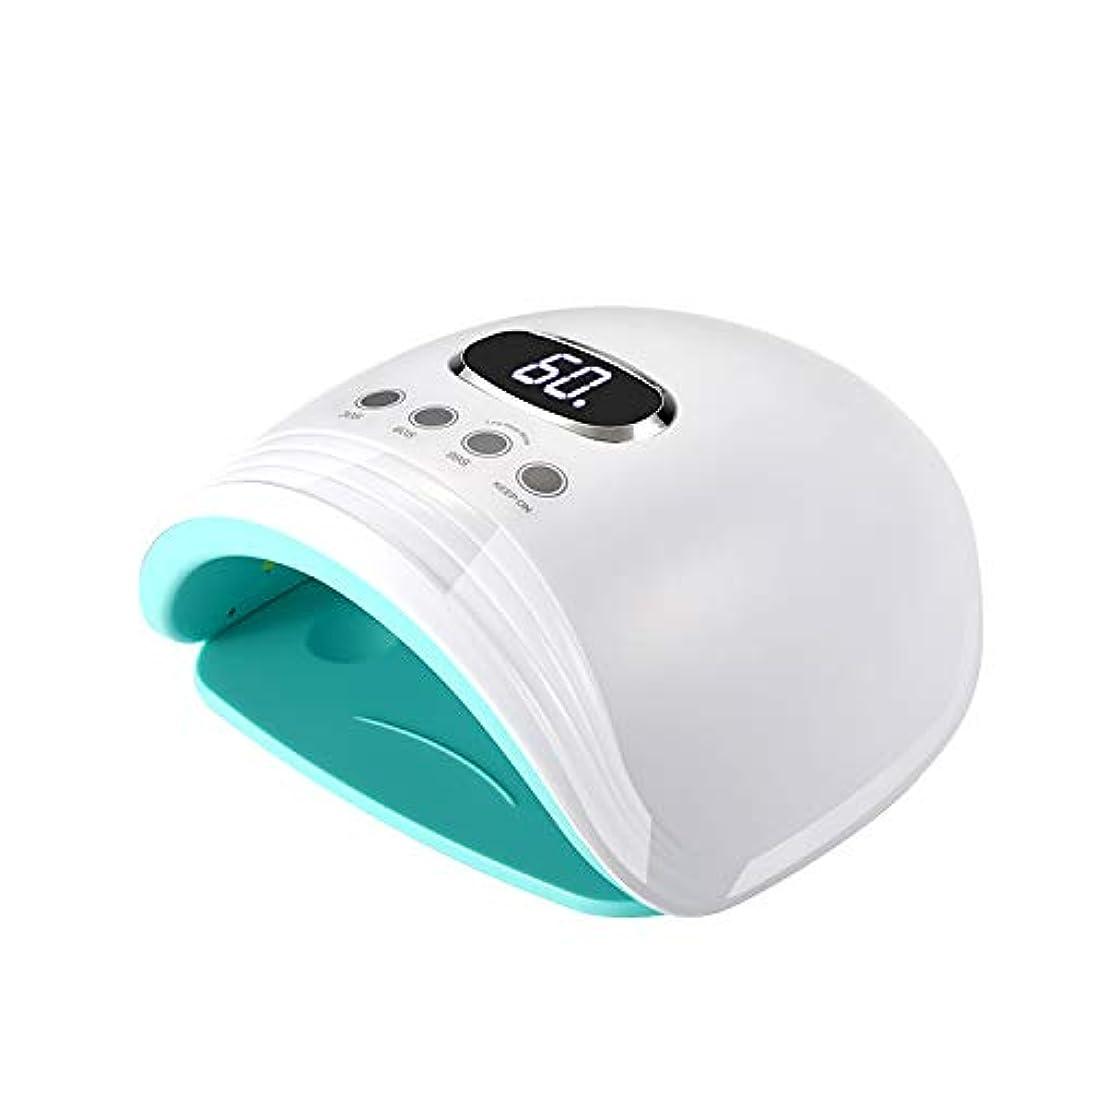 スーパーマーケット祈りトレイ60W UV LEDネイルランプネイルドライヤー+ホワイトニングランプ、1 in 2プロフェッショナルケアドライヤー、スマートオートセンシング付きゲルパイプビルダー3タイマー設定LCDディスプレイ